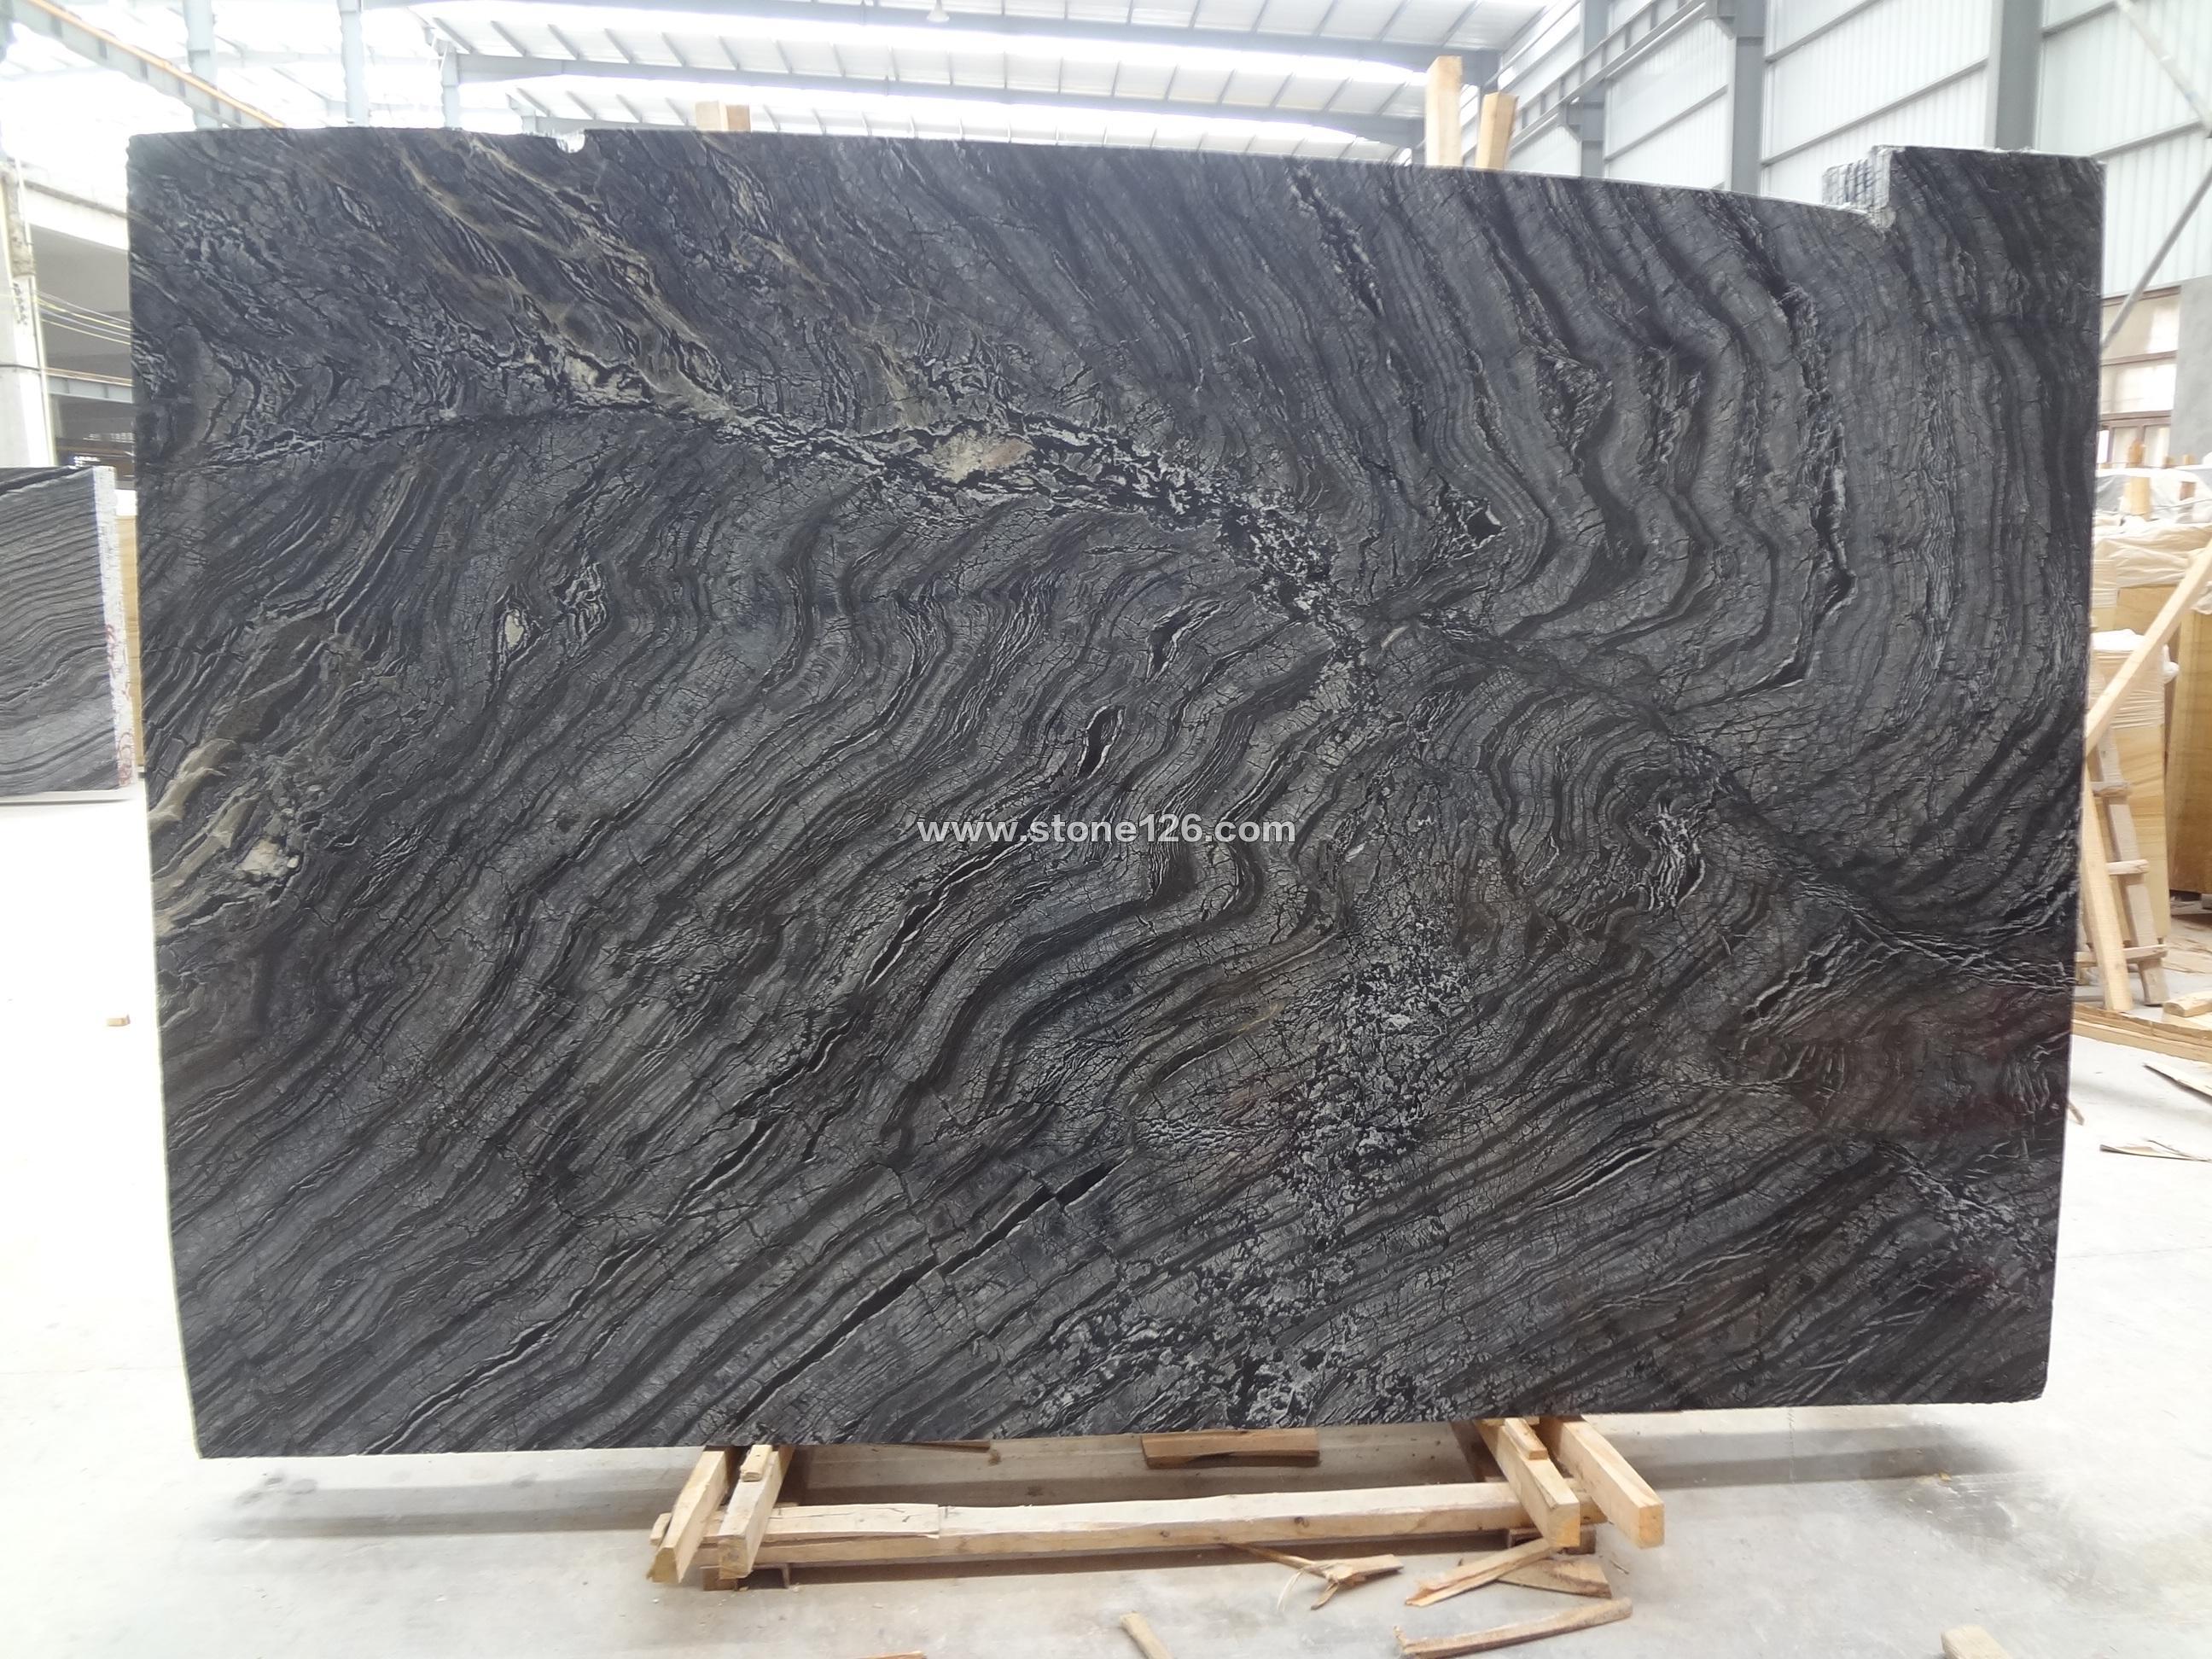 白木纹 大量 面谈 永峰石材有限公司 2013-1-23 2014-1-23 黑白根